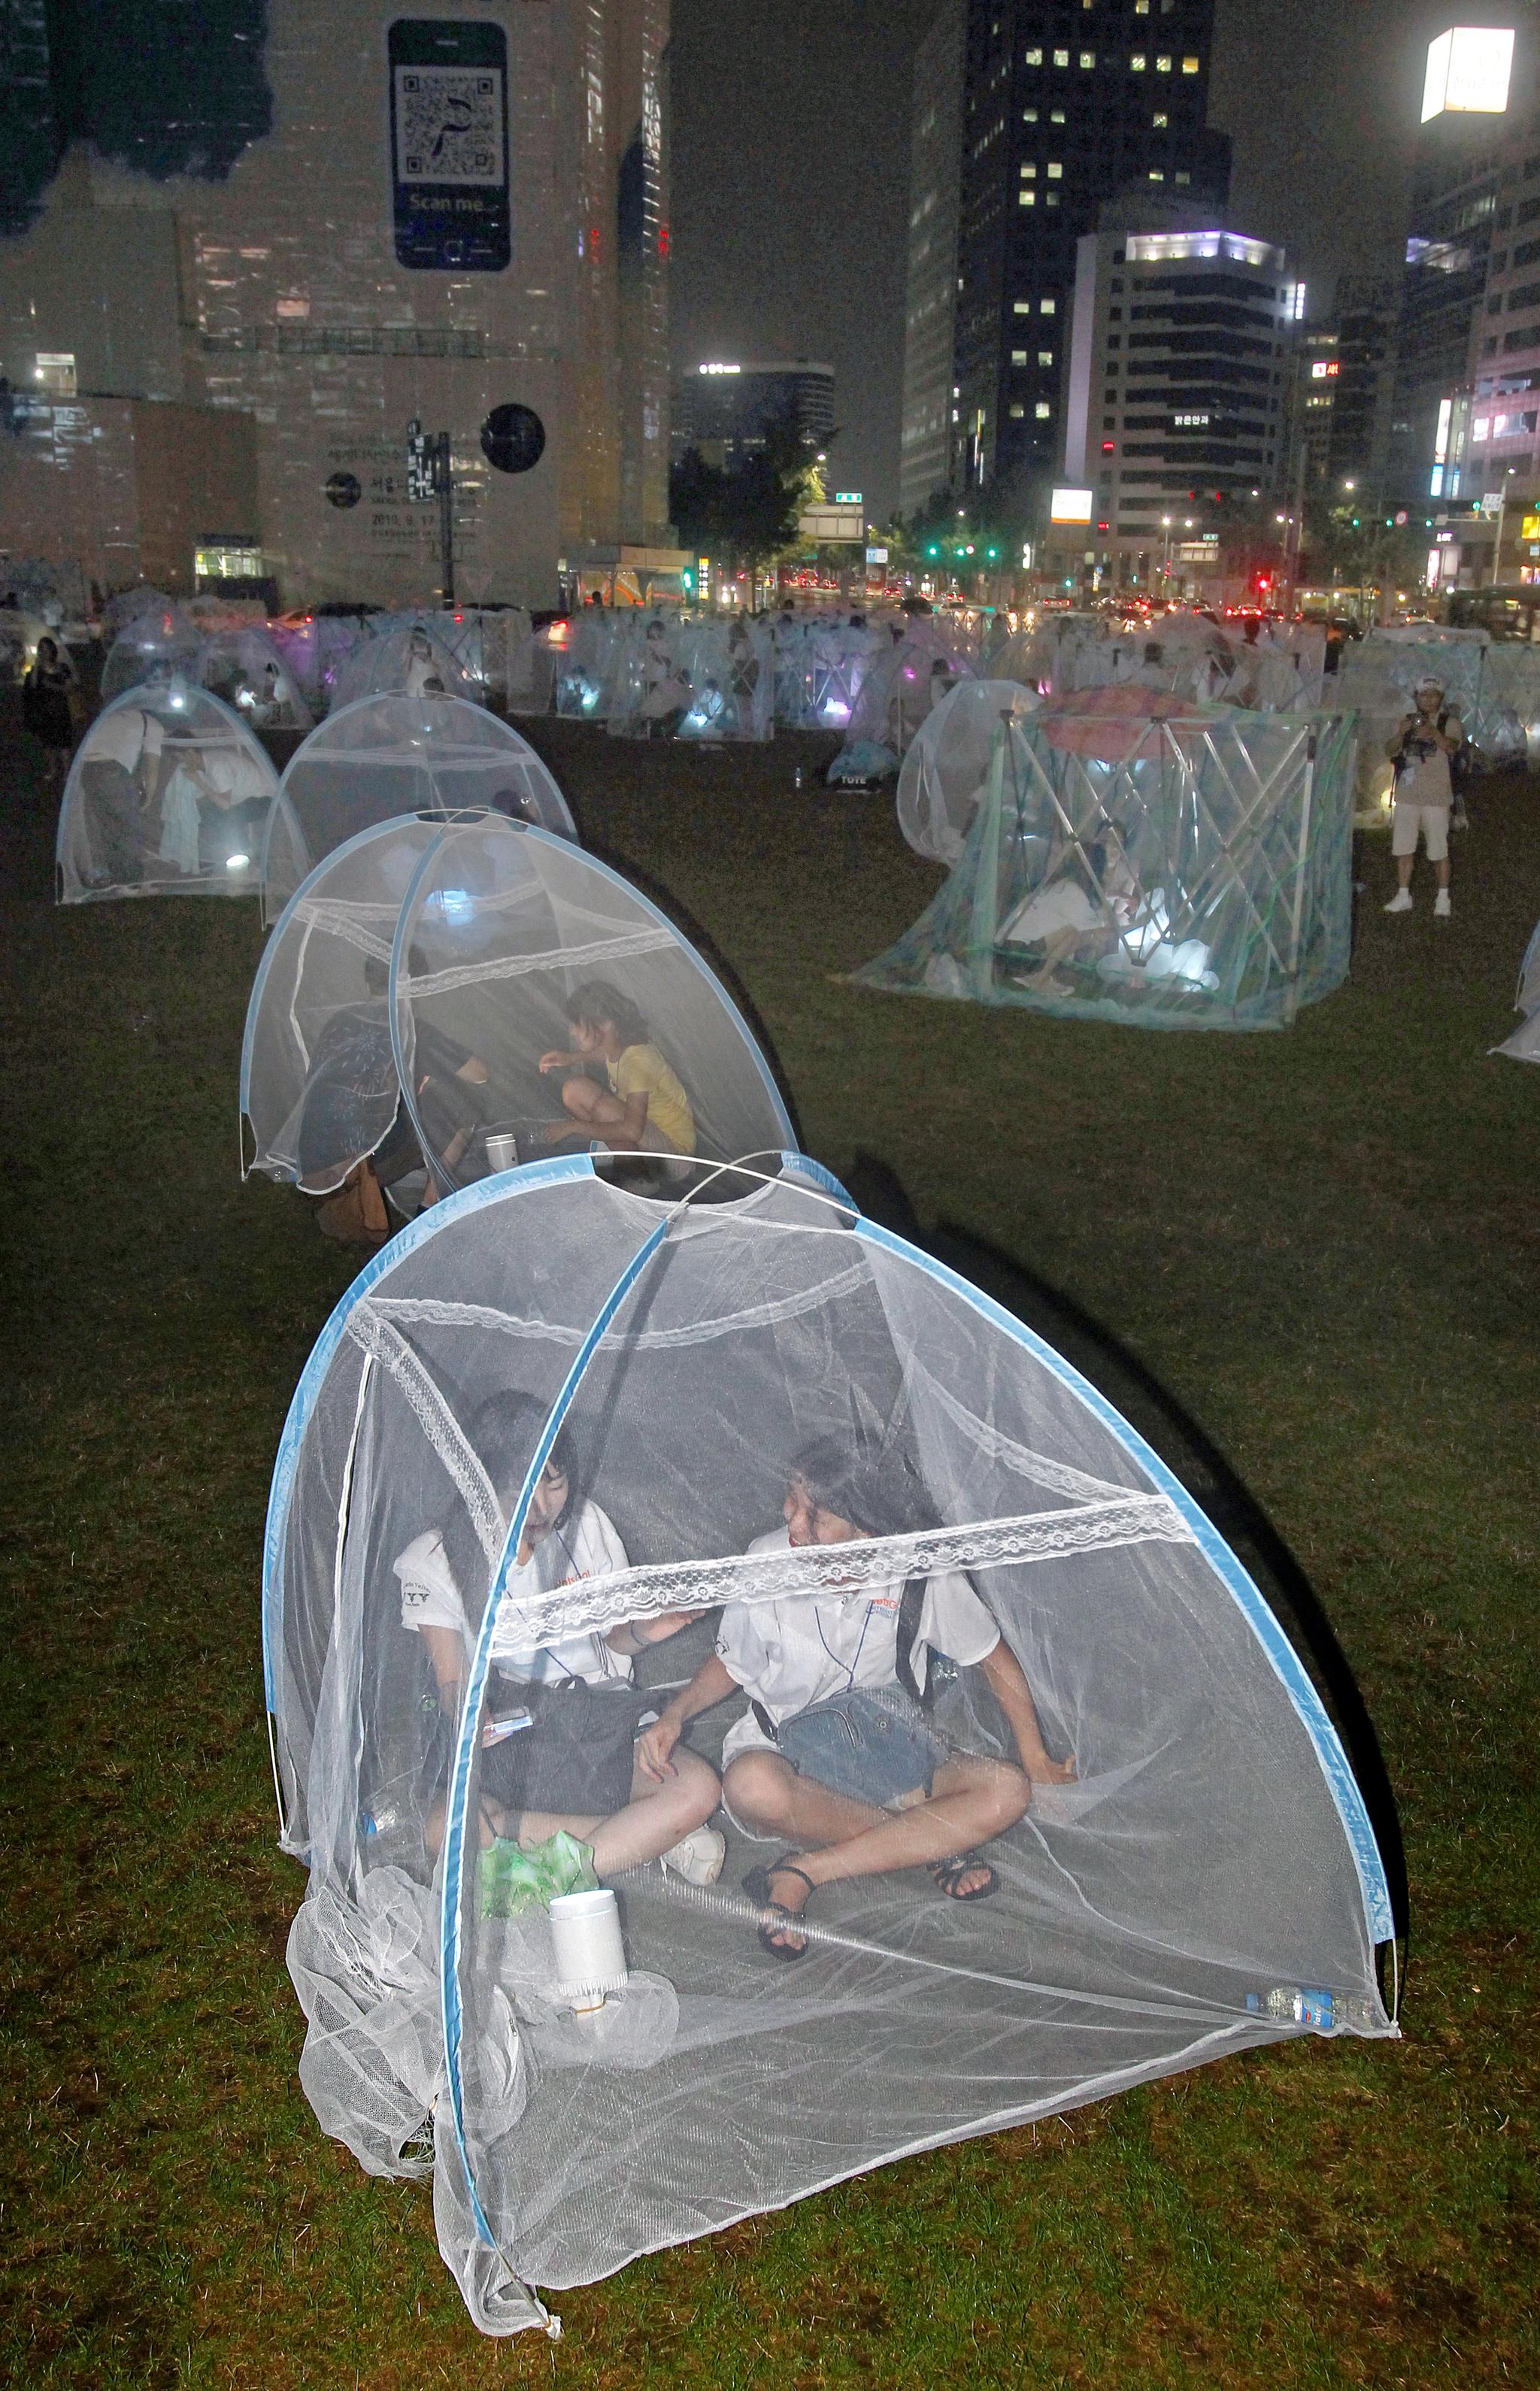 지난 2010년 8월 22일 서울광장에서 열린 말라리아의 공포 속에서 사는 아프리카 사람들을 돕기 위한 ` 아프리카의 밤 `행사에 모기장 수십개가 설치돼 눈길을 끌고 있다. [중앙포토]